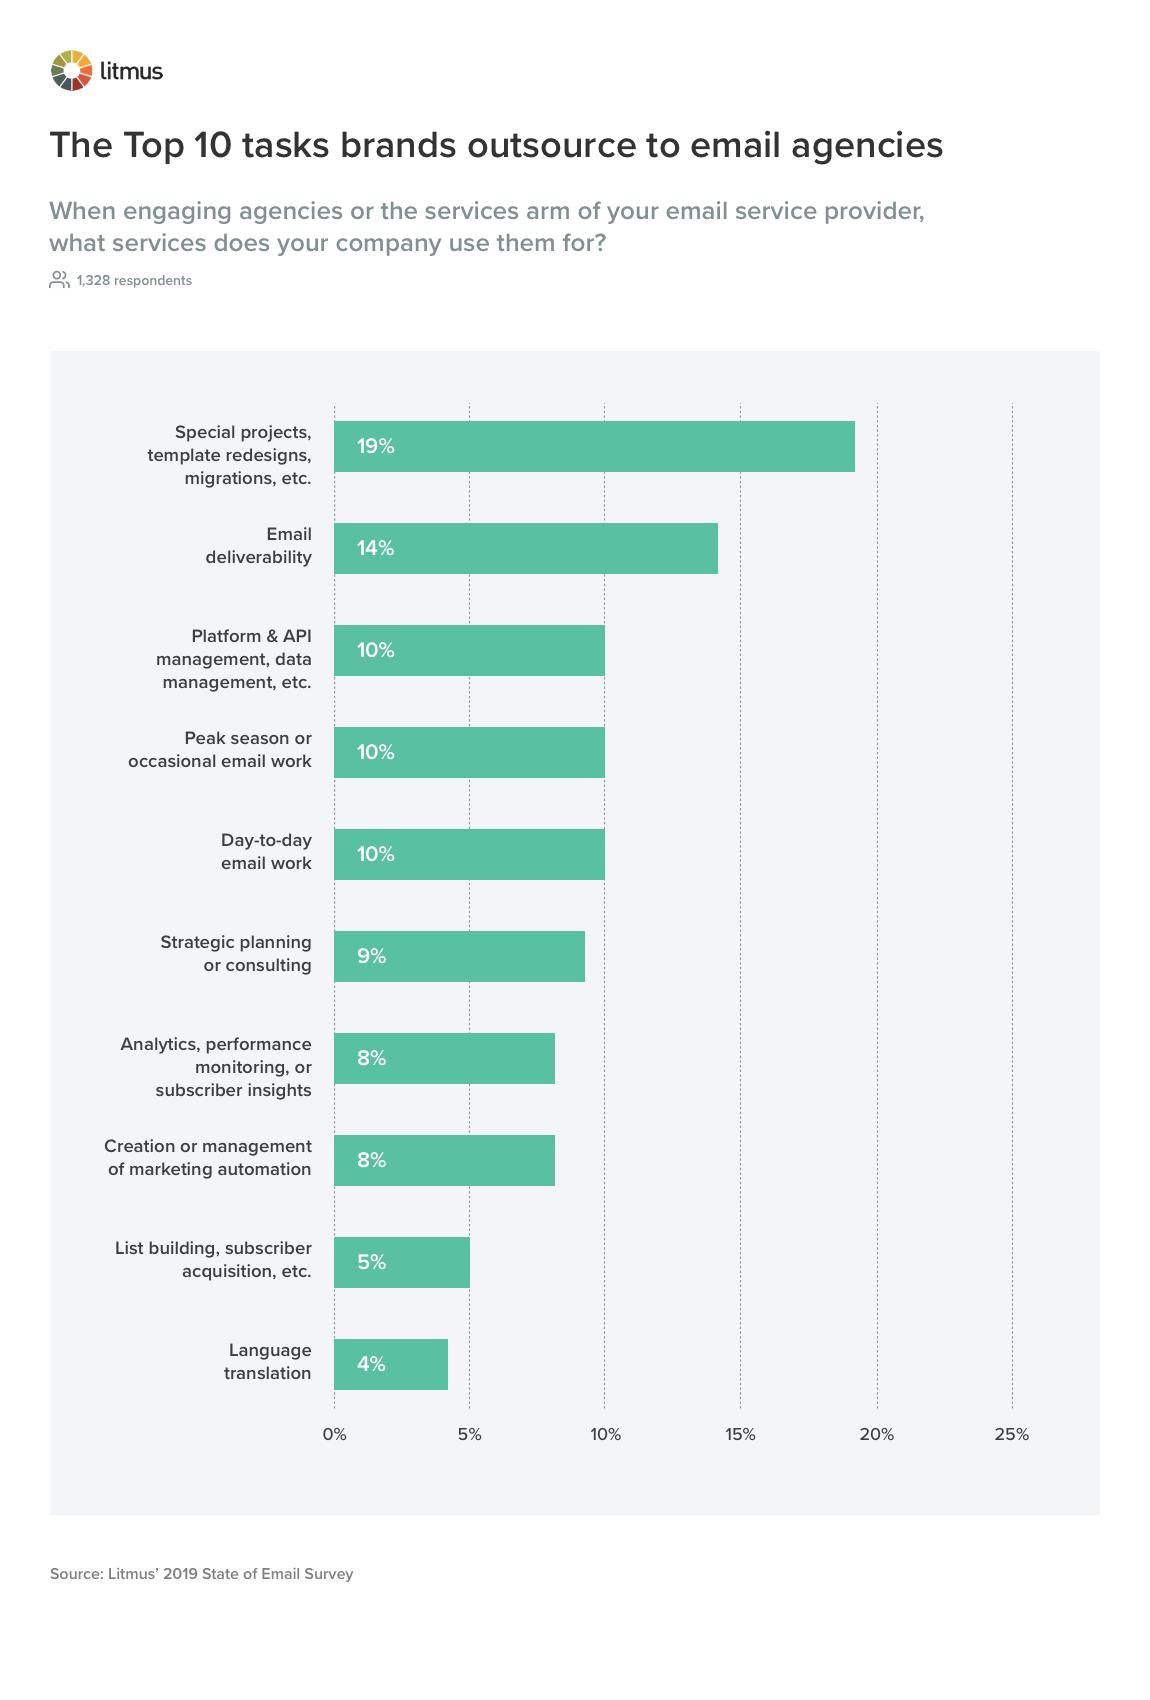 Задачи, которые делегируют маркетологи